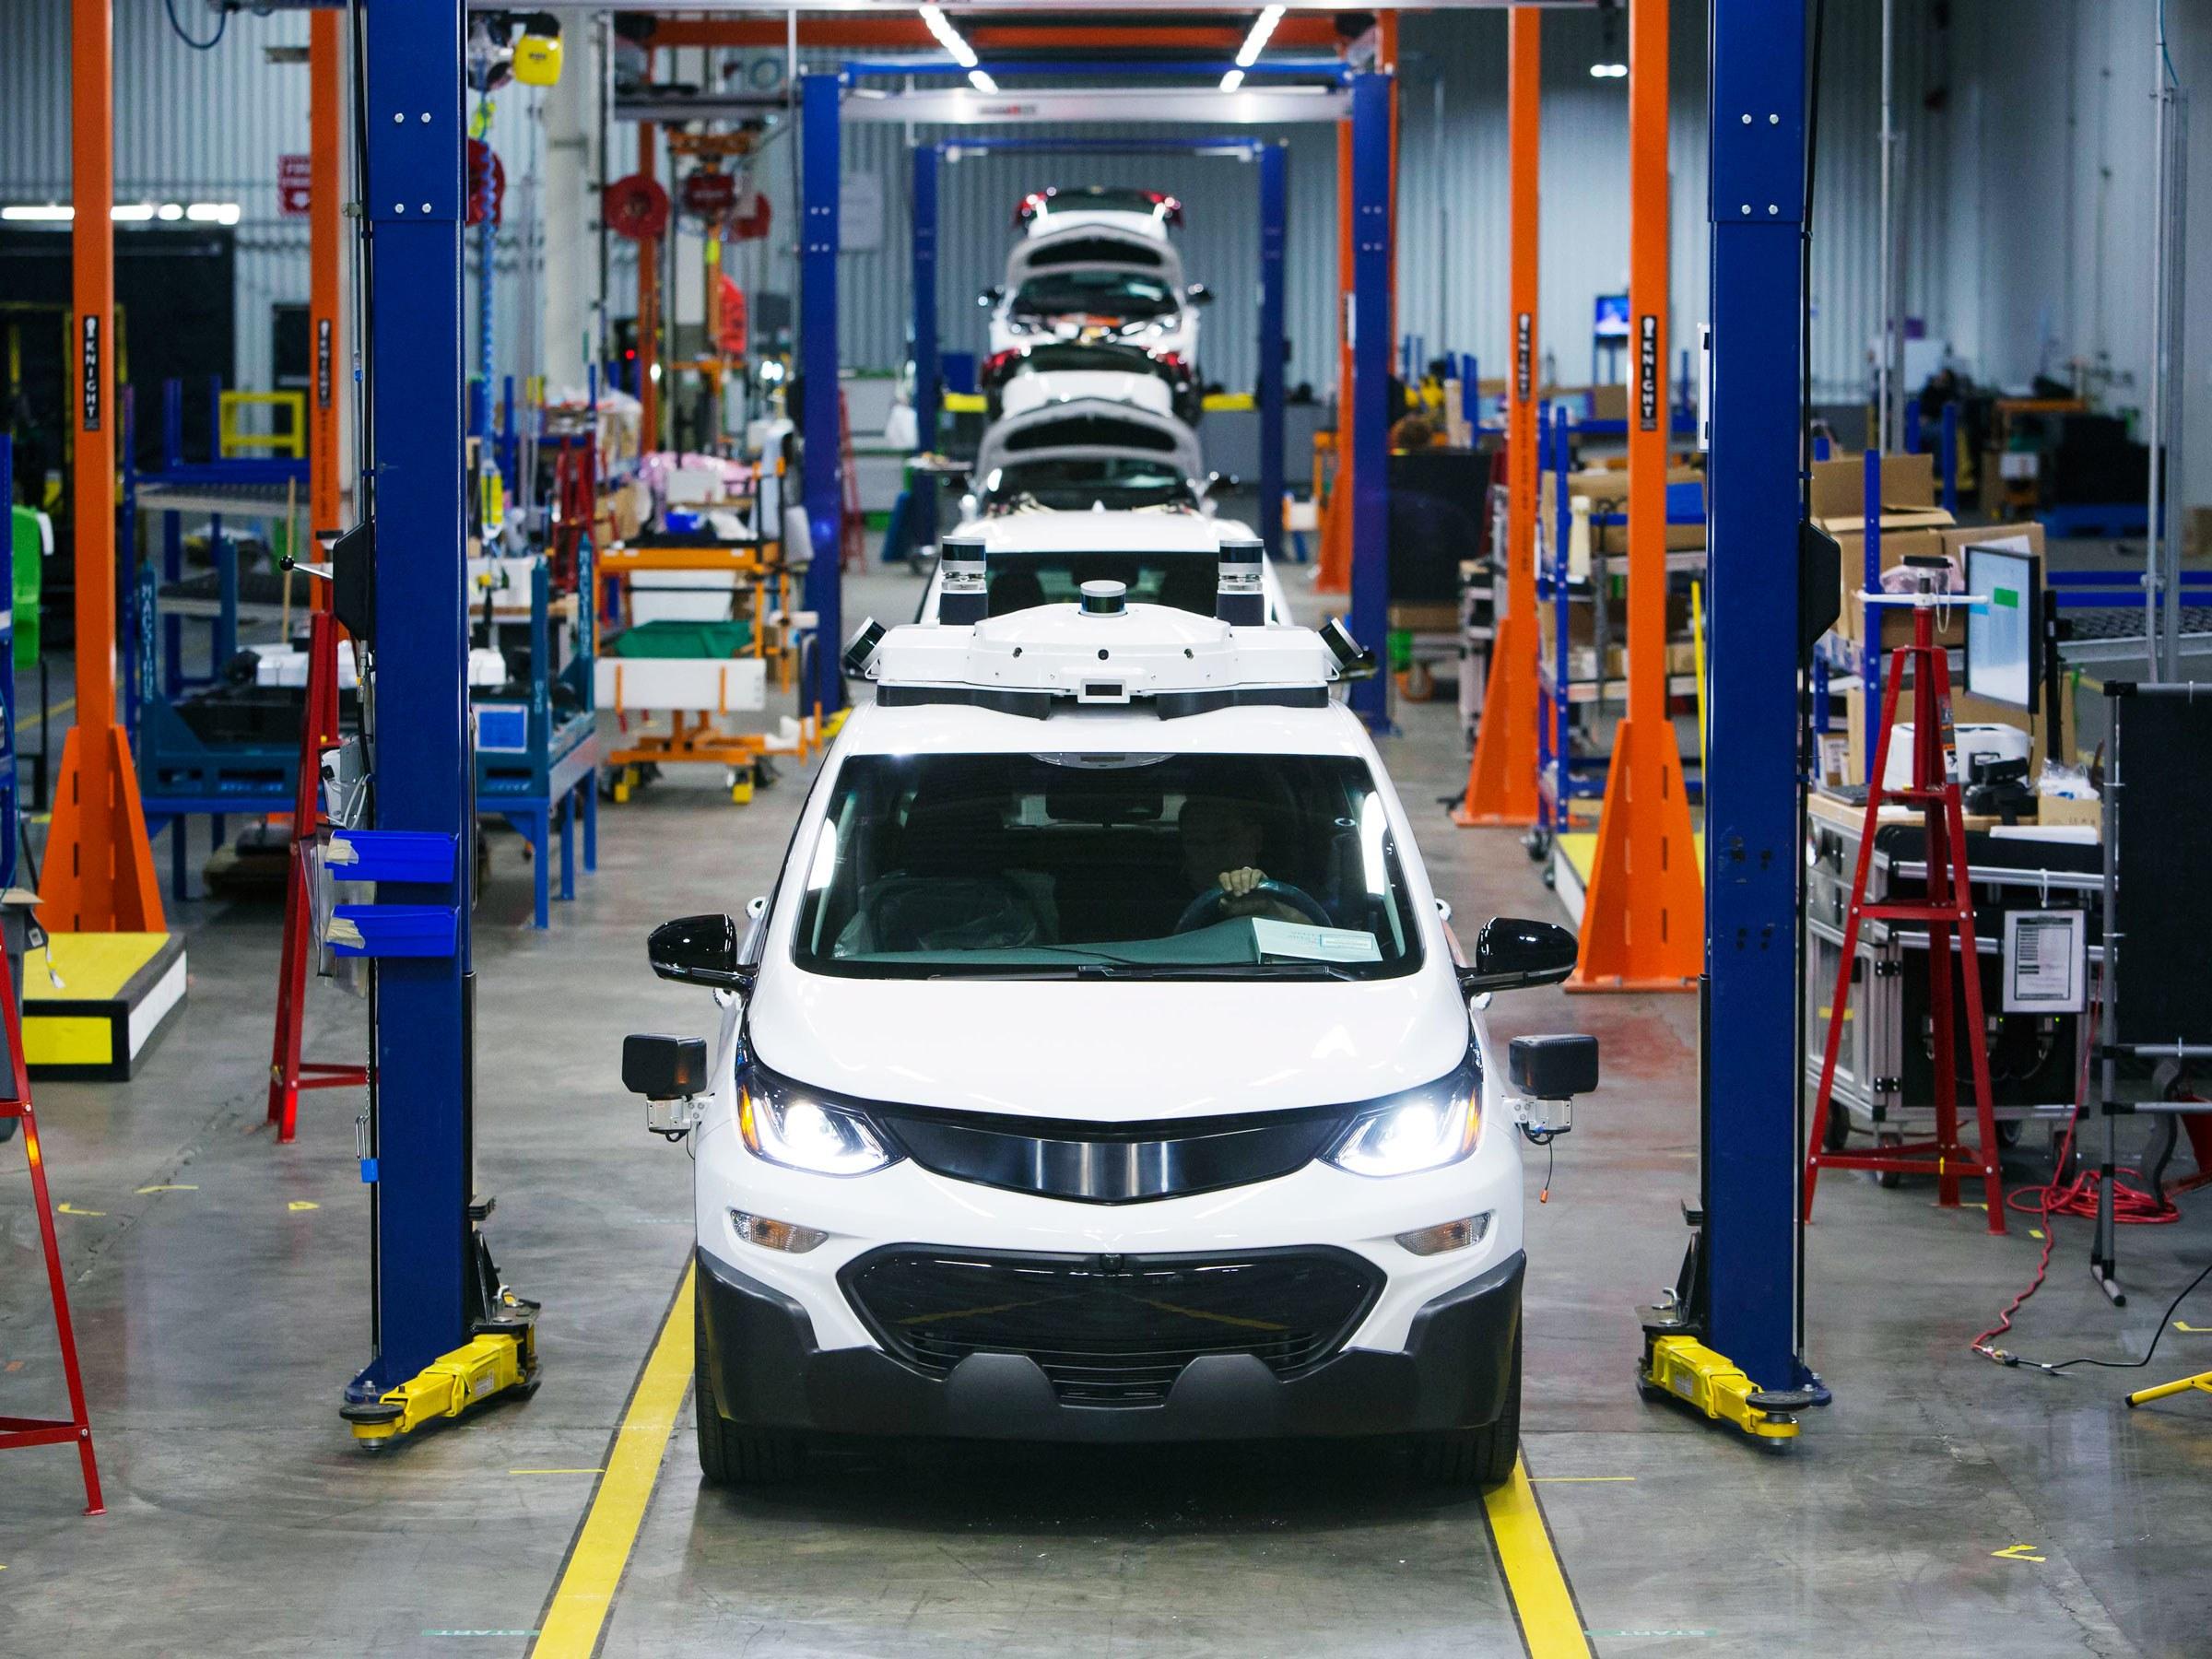 Las tres plantas beneficiadas con la inversión de General Motors son: Gravataí, Sao Caetano do Sul y Joinville.